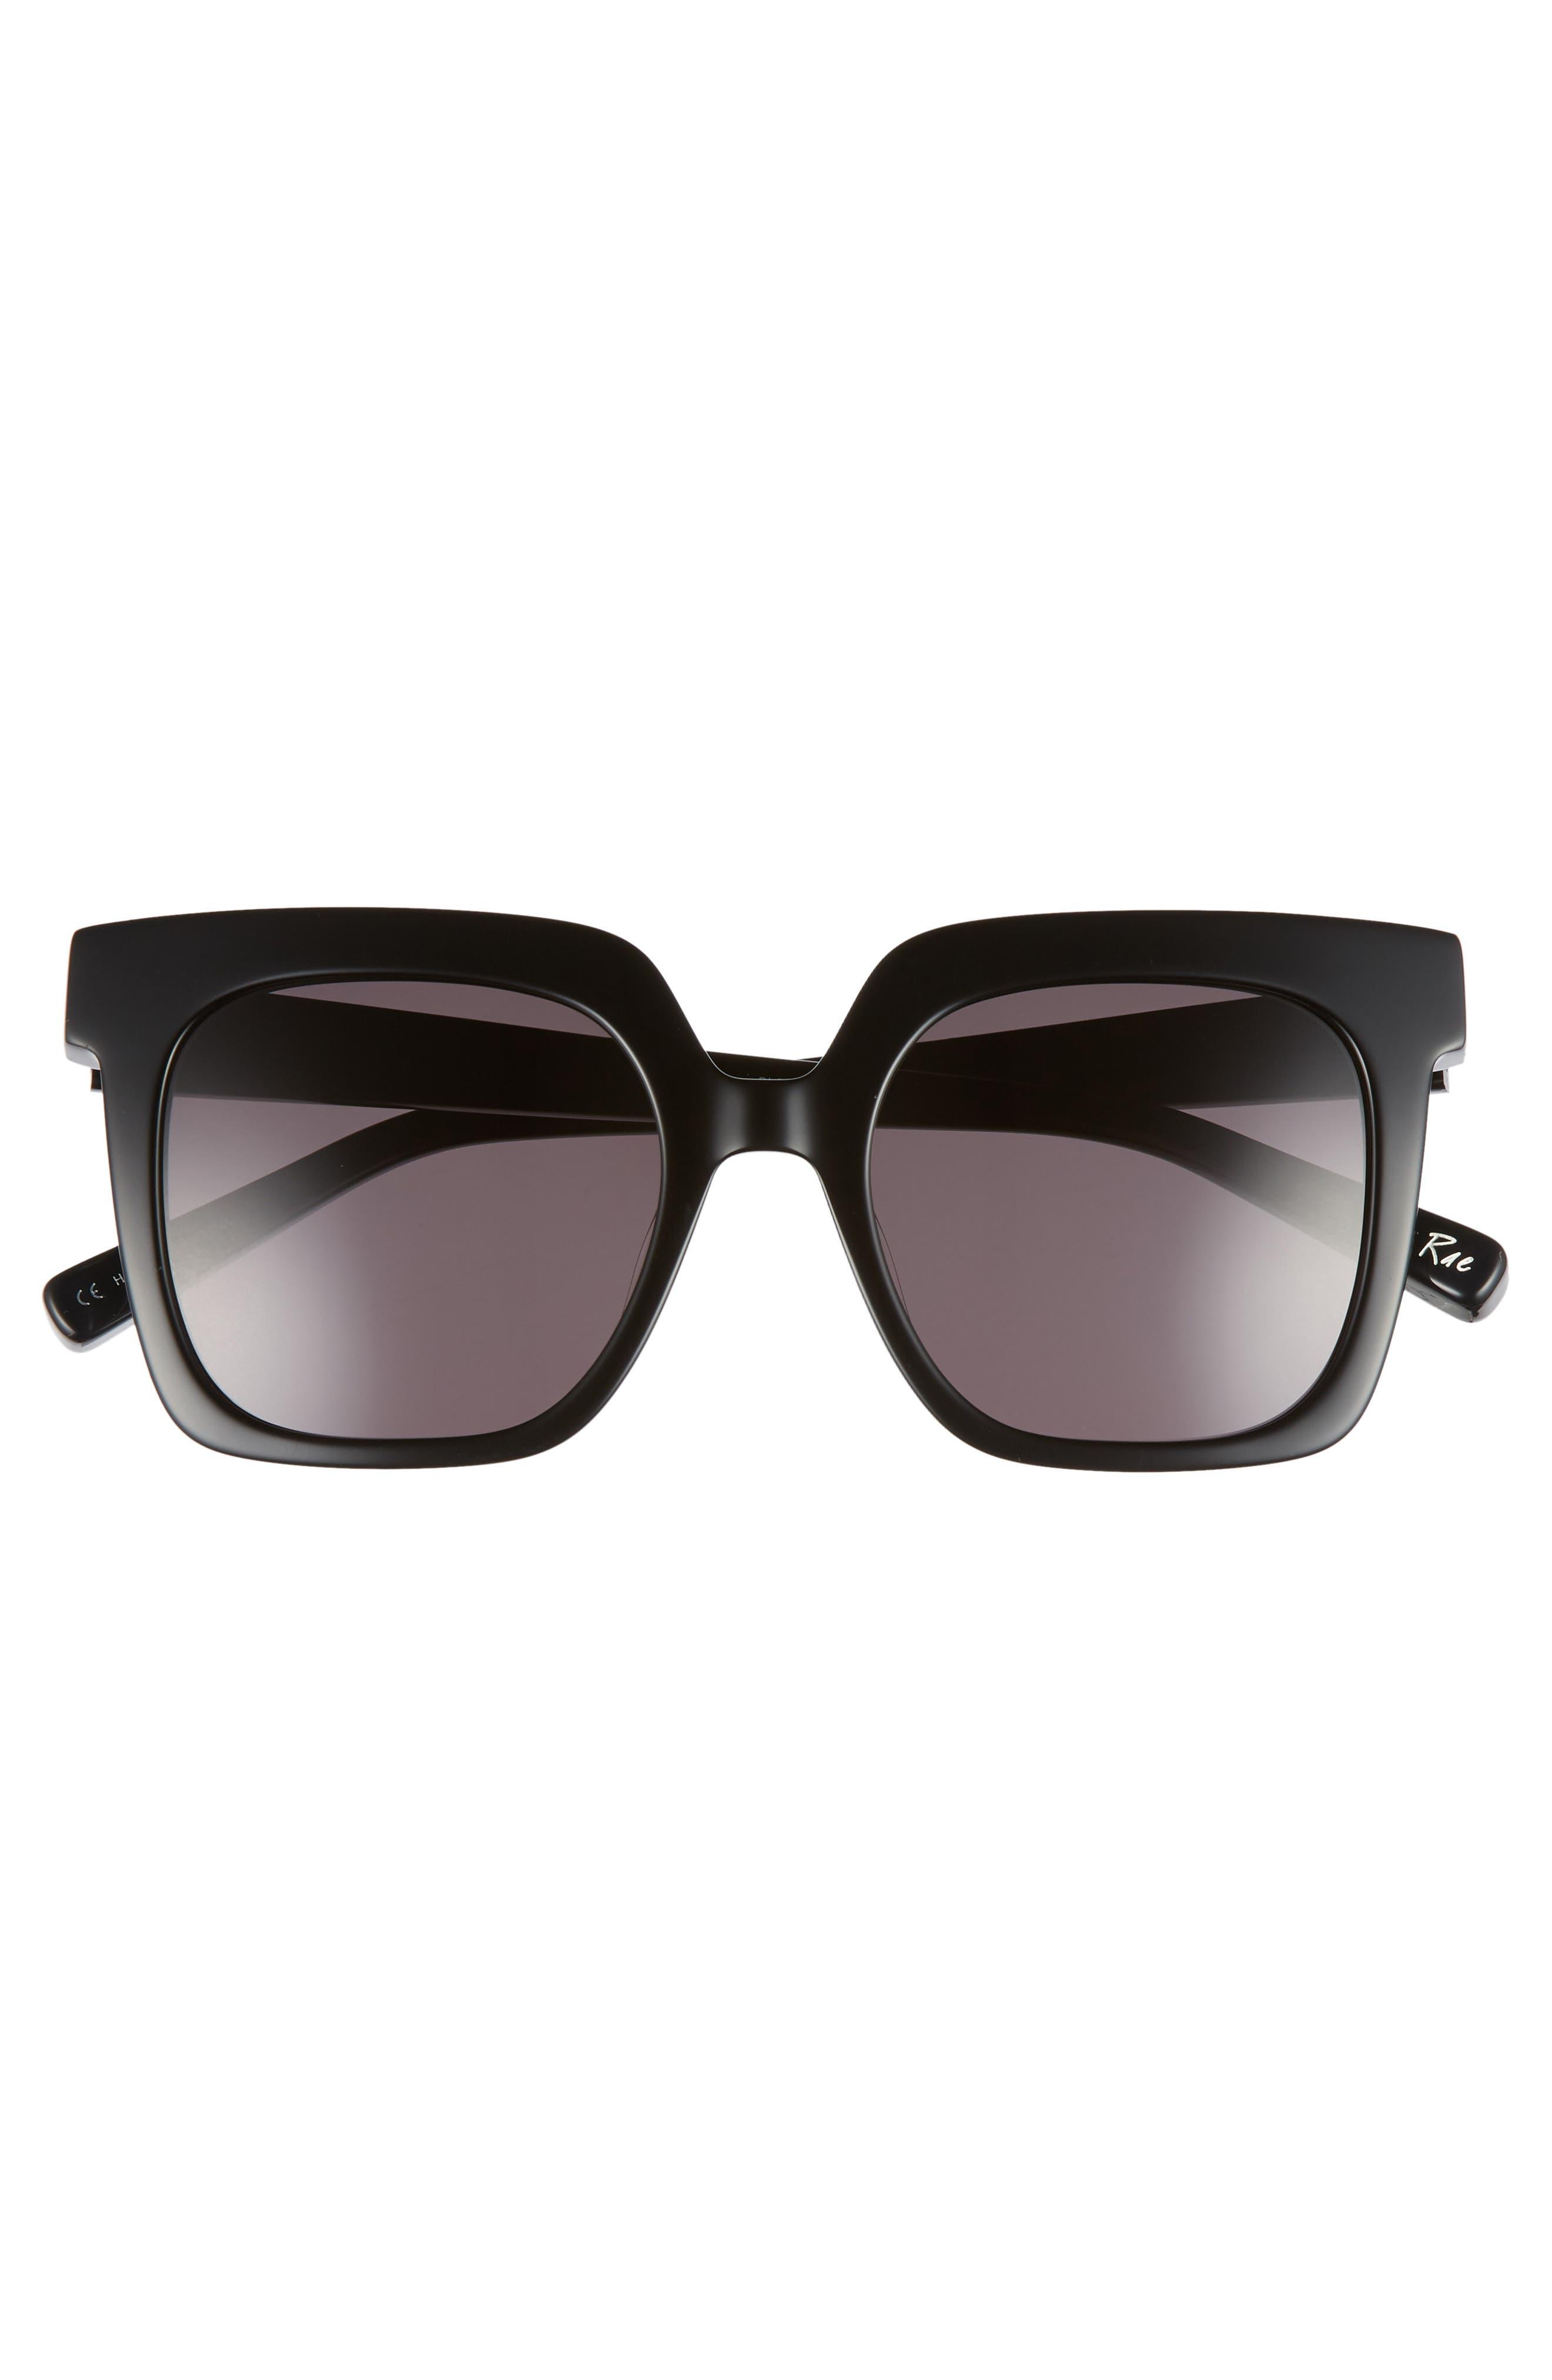 Rae 51mm Square Sunglasses,                             Alternate thumbnail 3, color,                             001